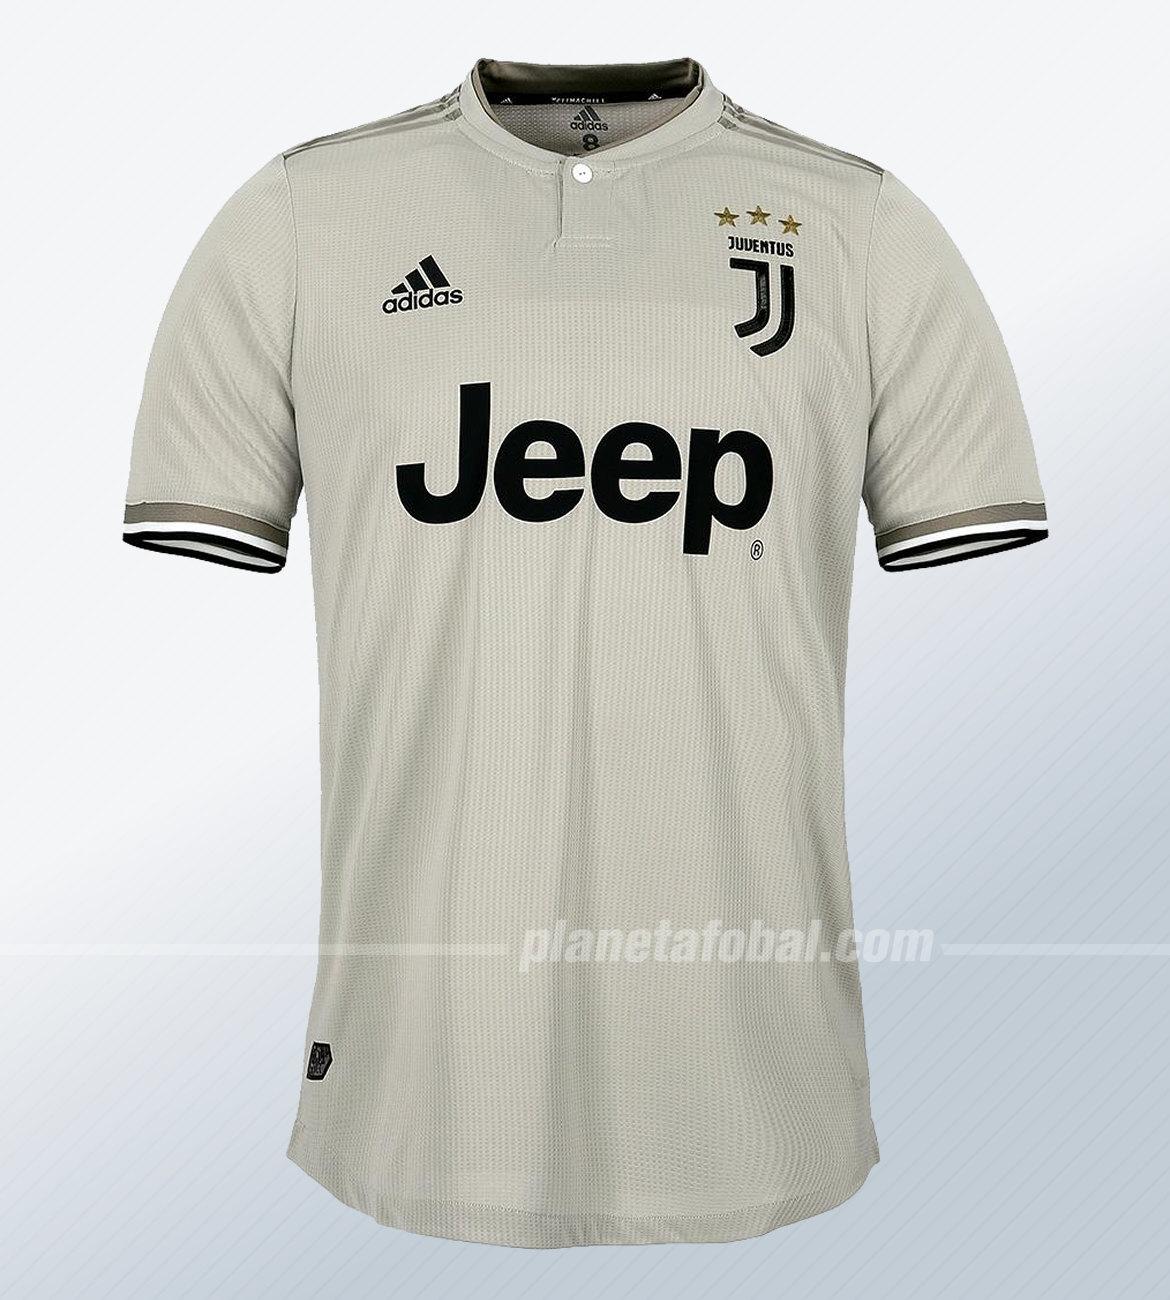 Camiseta suplente Adidas de la Juventus 2018 2019 5344c6531a73c